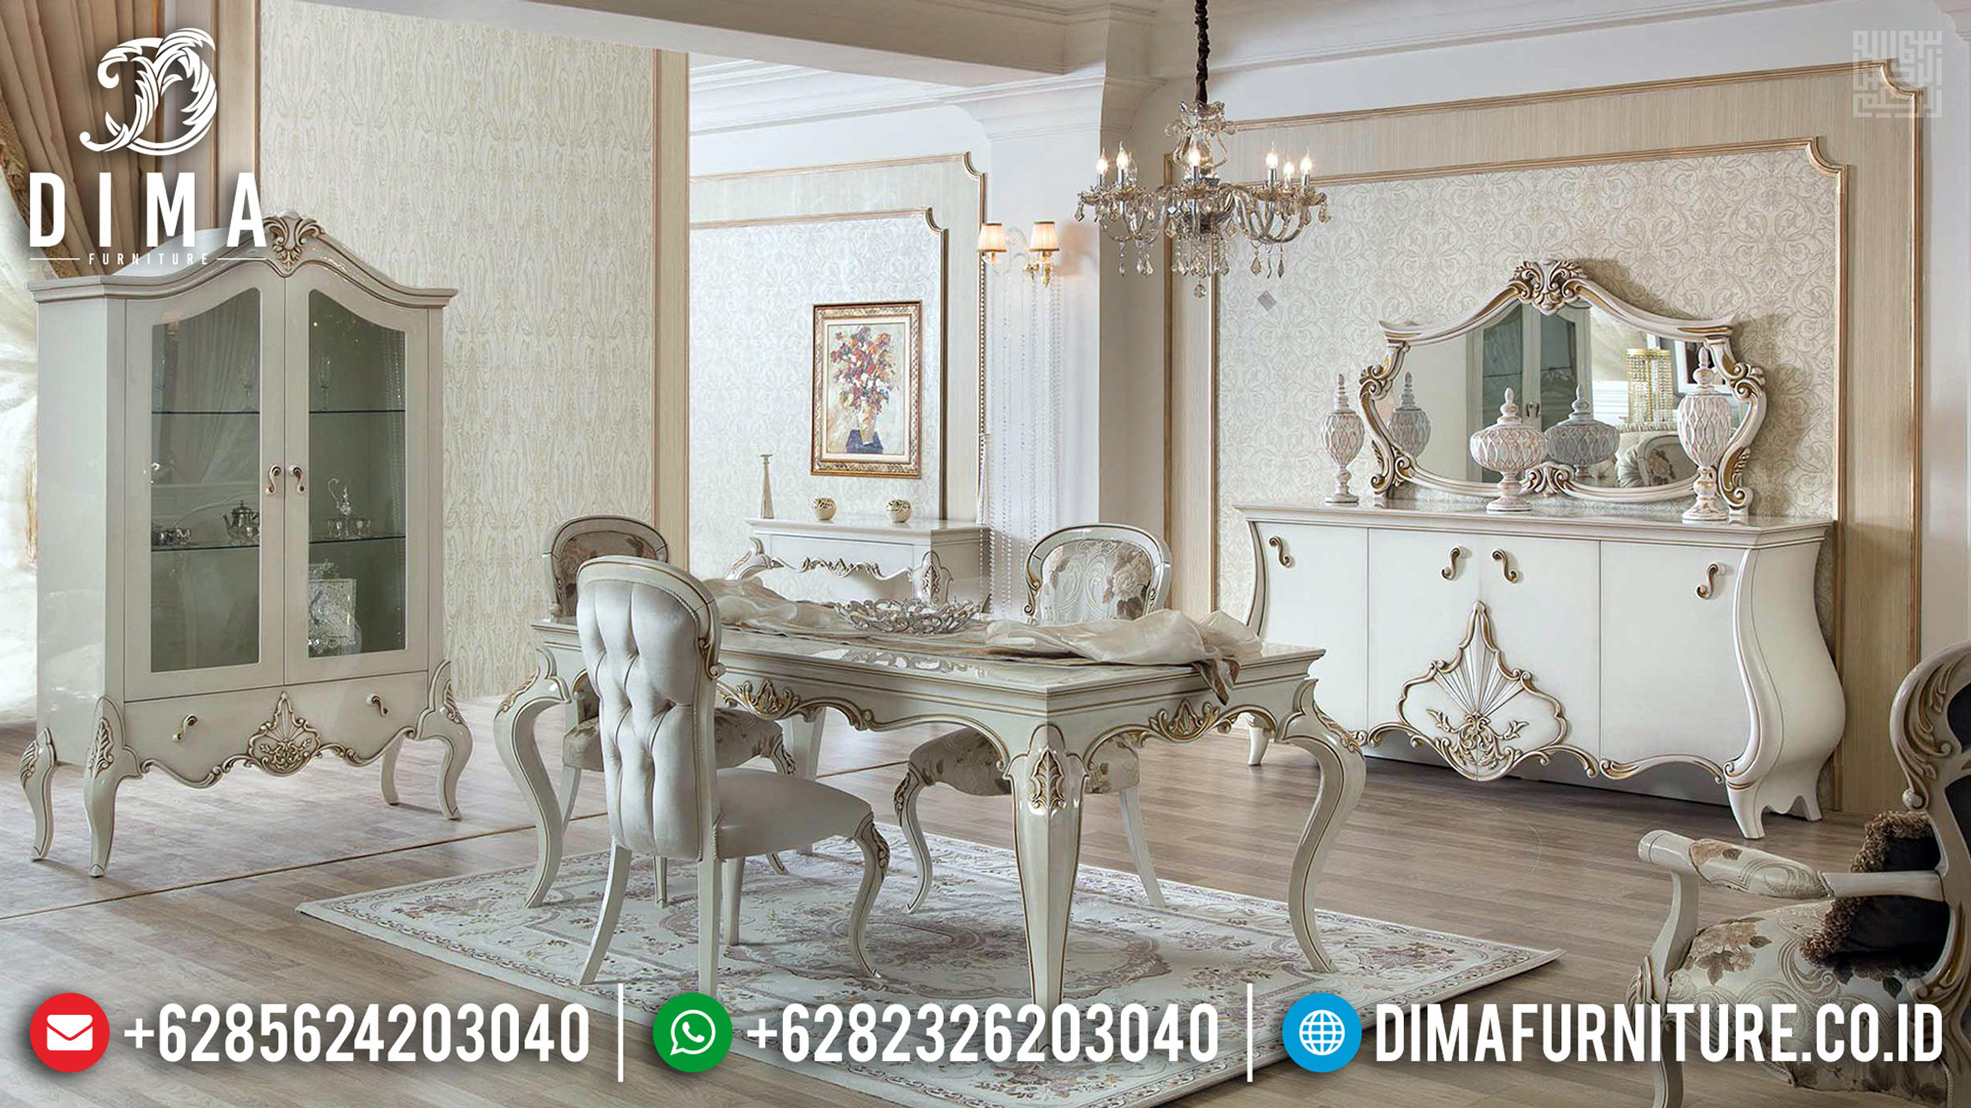 Harga Meja Makan Ukiran Klasik Luxury Desain Interior Mewah Furniture Jepara TTJ-0652